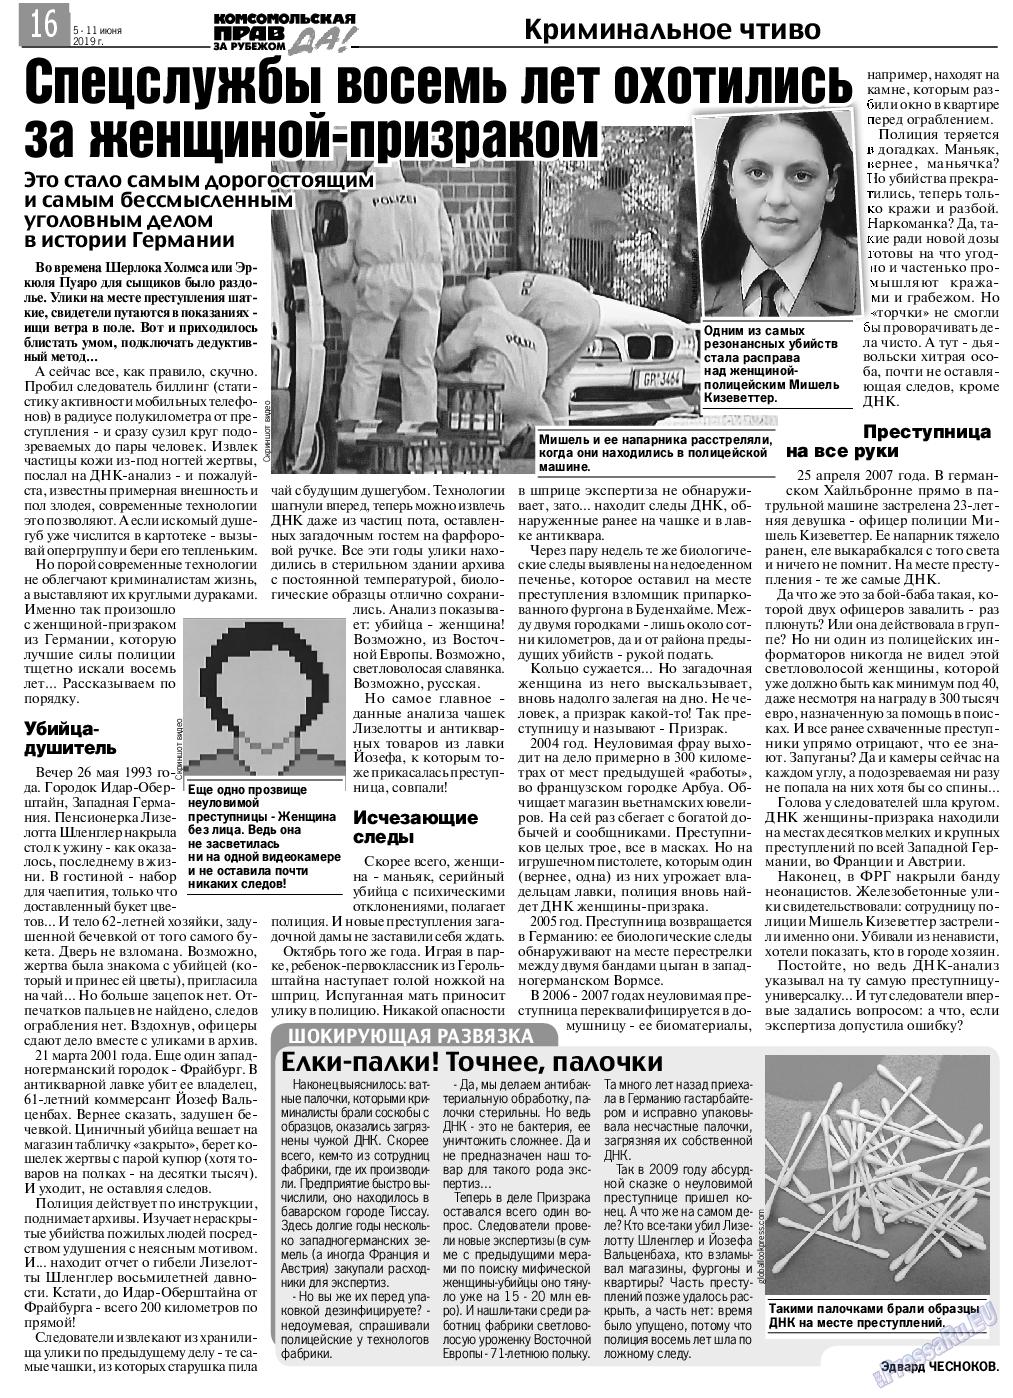 КП в Европе (газета). 2019 год, номер 23, стр. 16